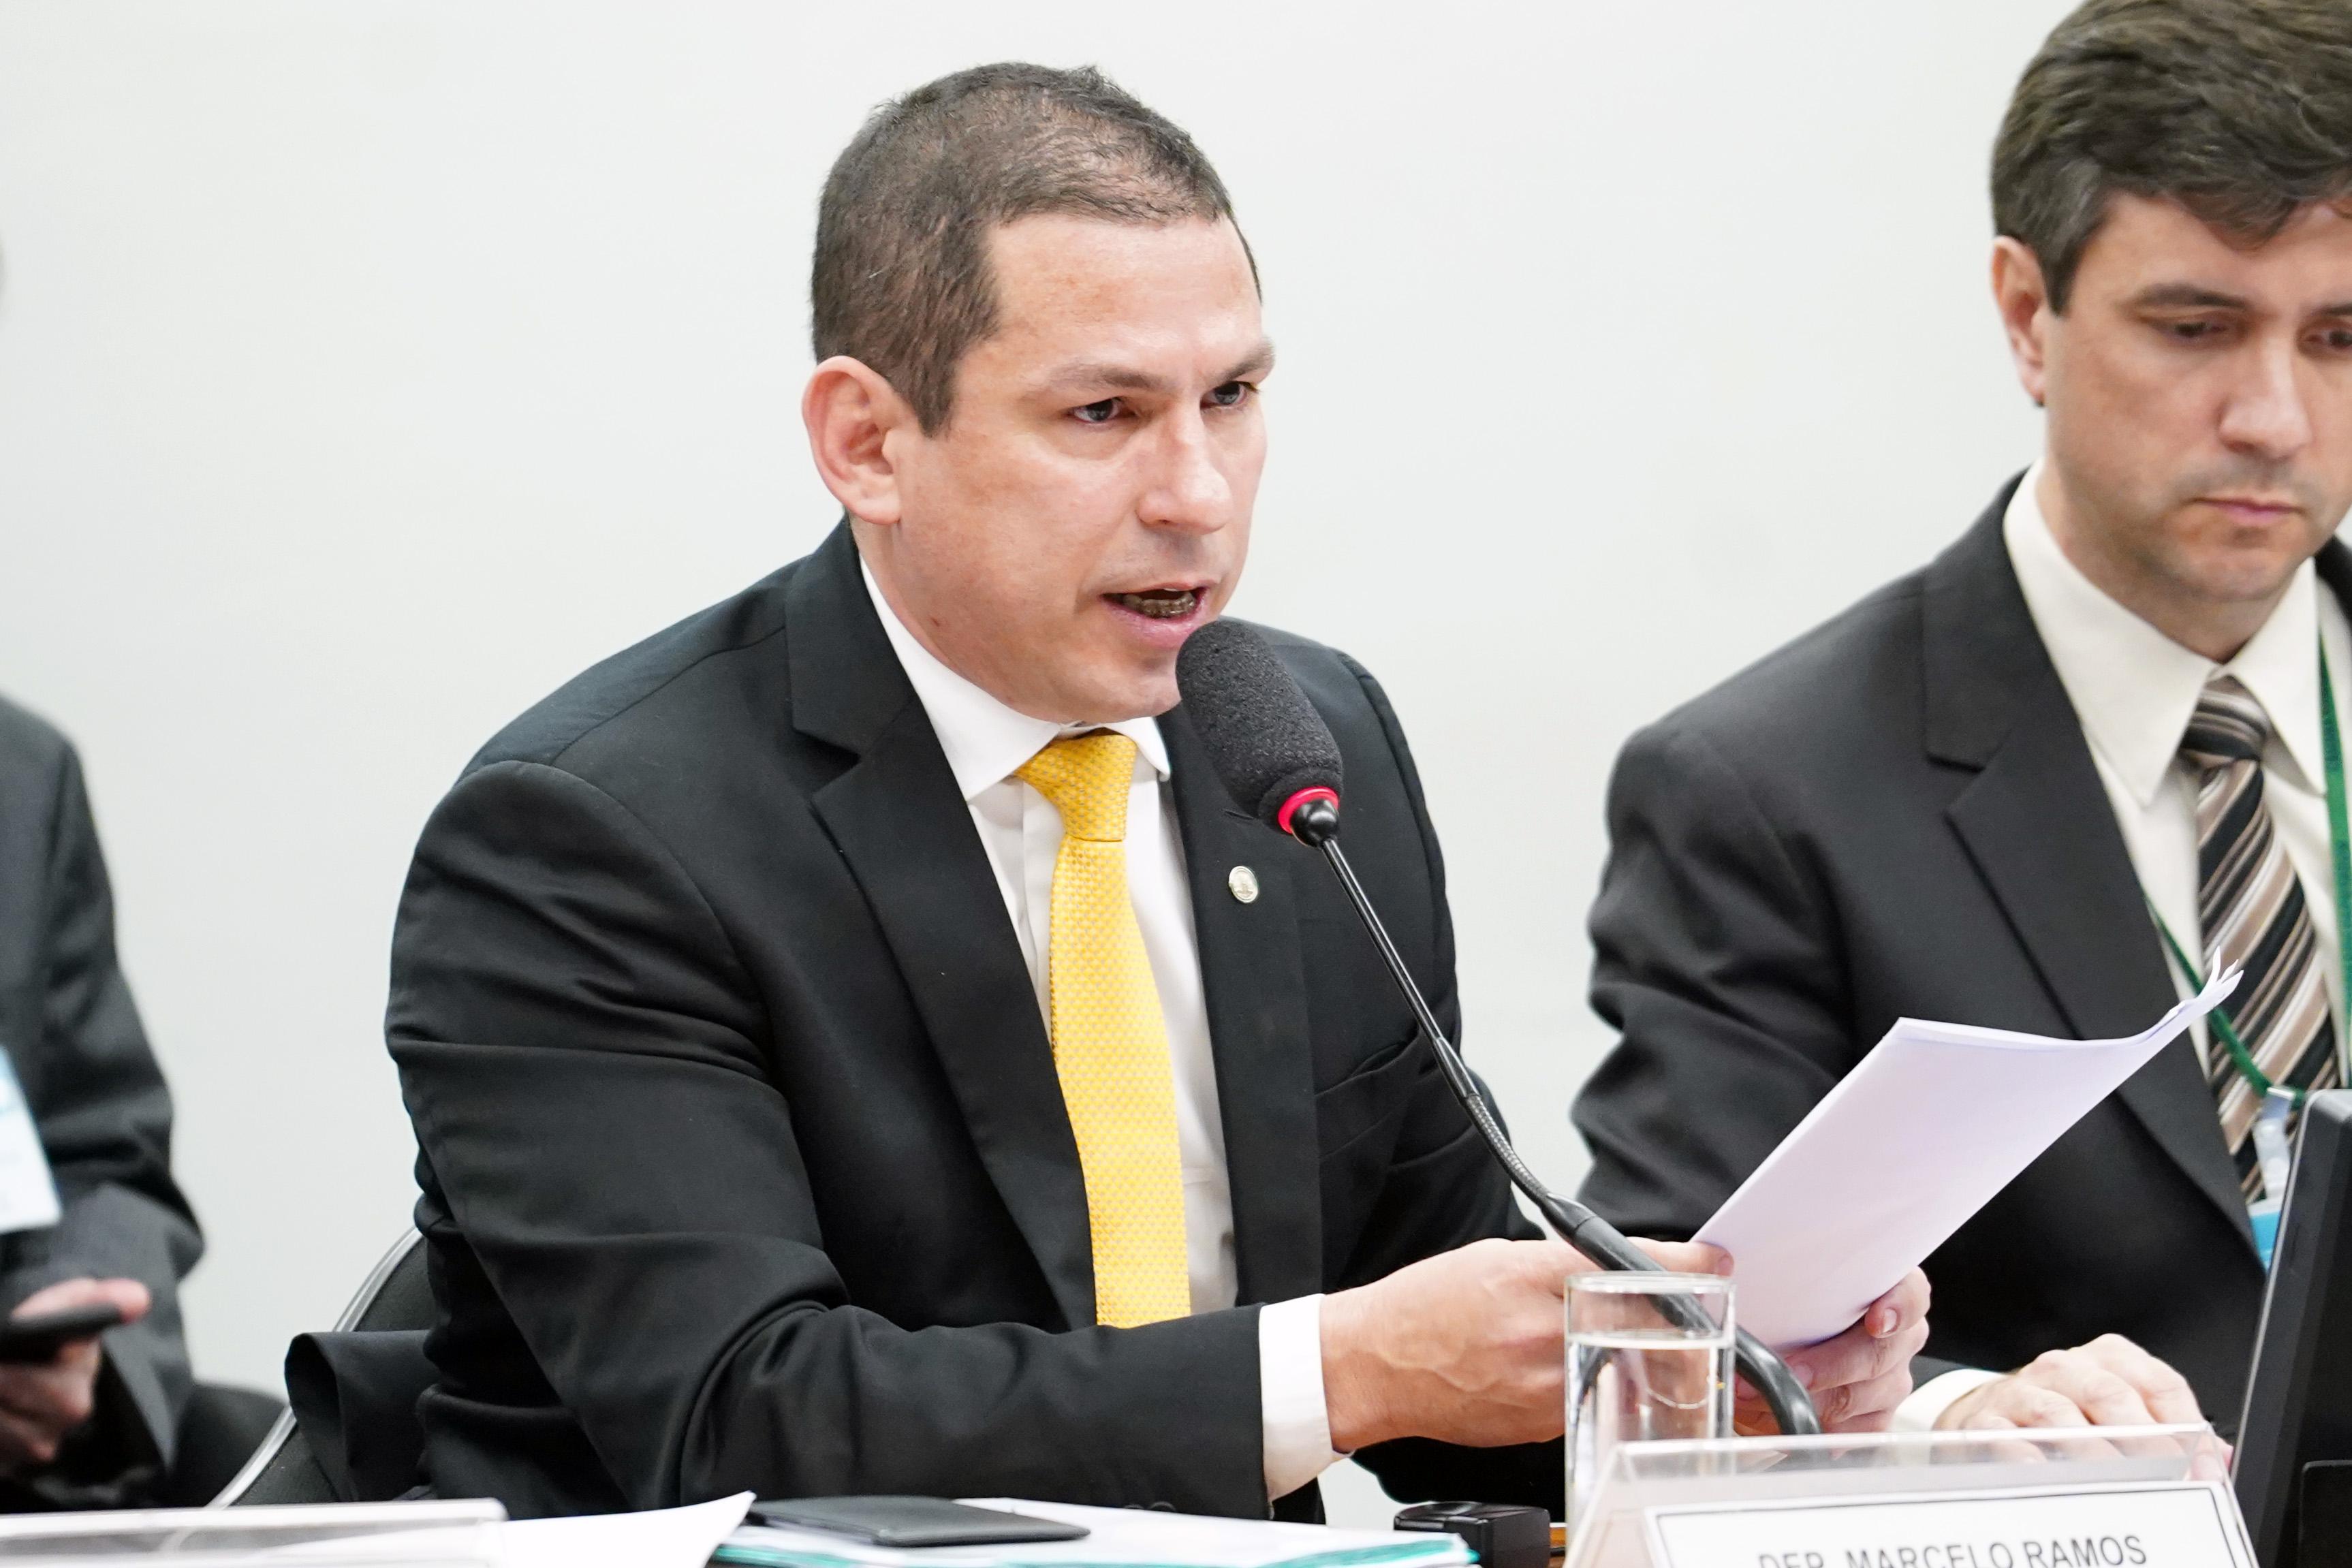 Reunião ordinária para votação do parecer do relator, dep. Samuel Moreira (PSDB-SP). Presidente da comissão especial, dep. Marcelo Ramos (PL - AM)